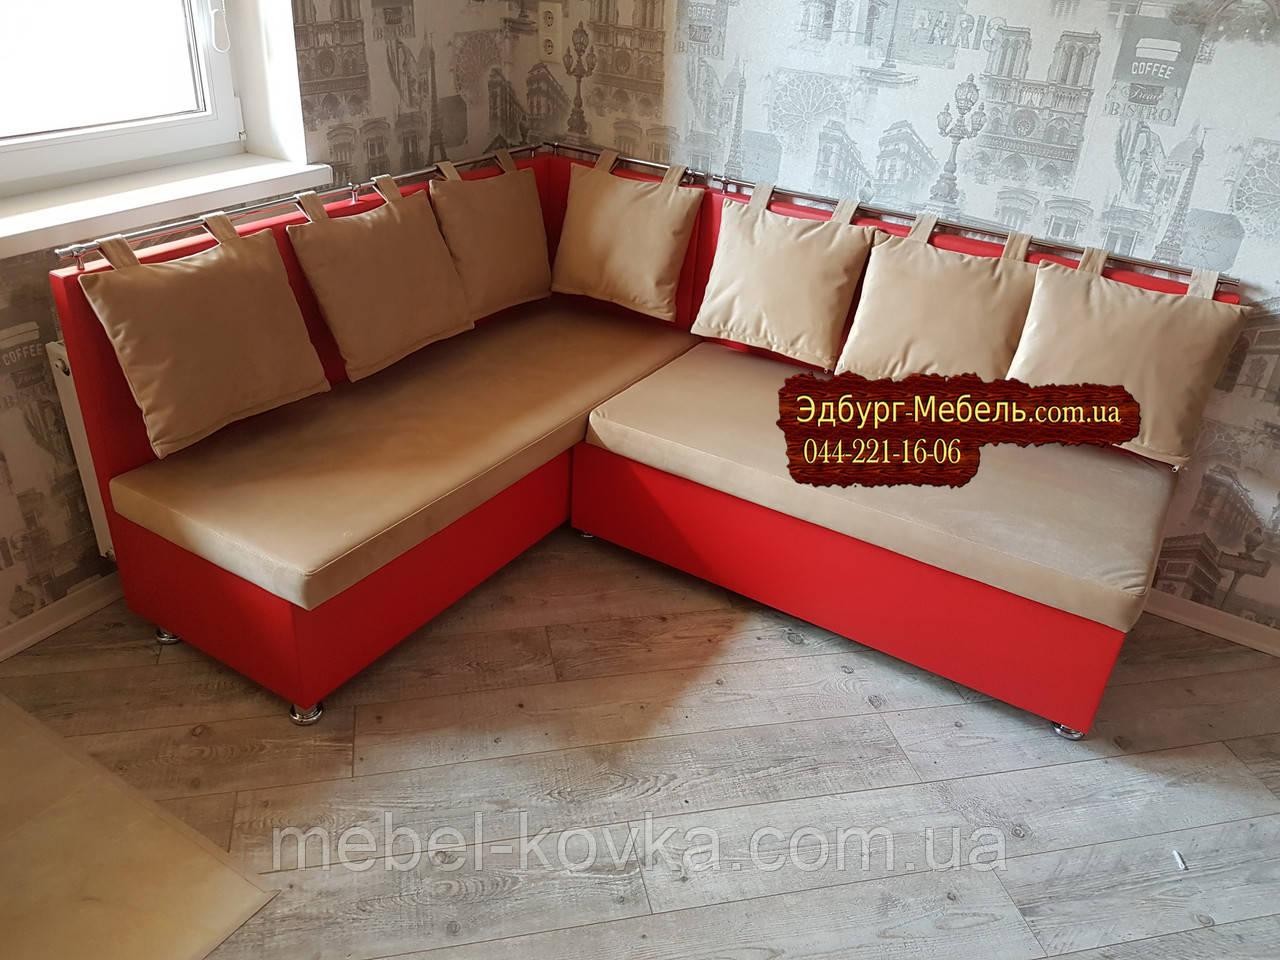 Кухонный уголок со спальным местом на заказ Борисполь